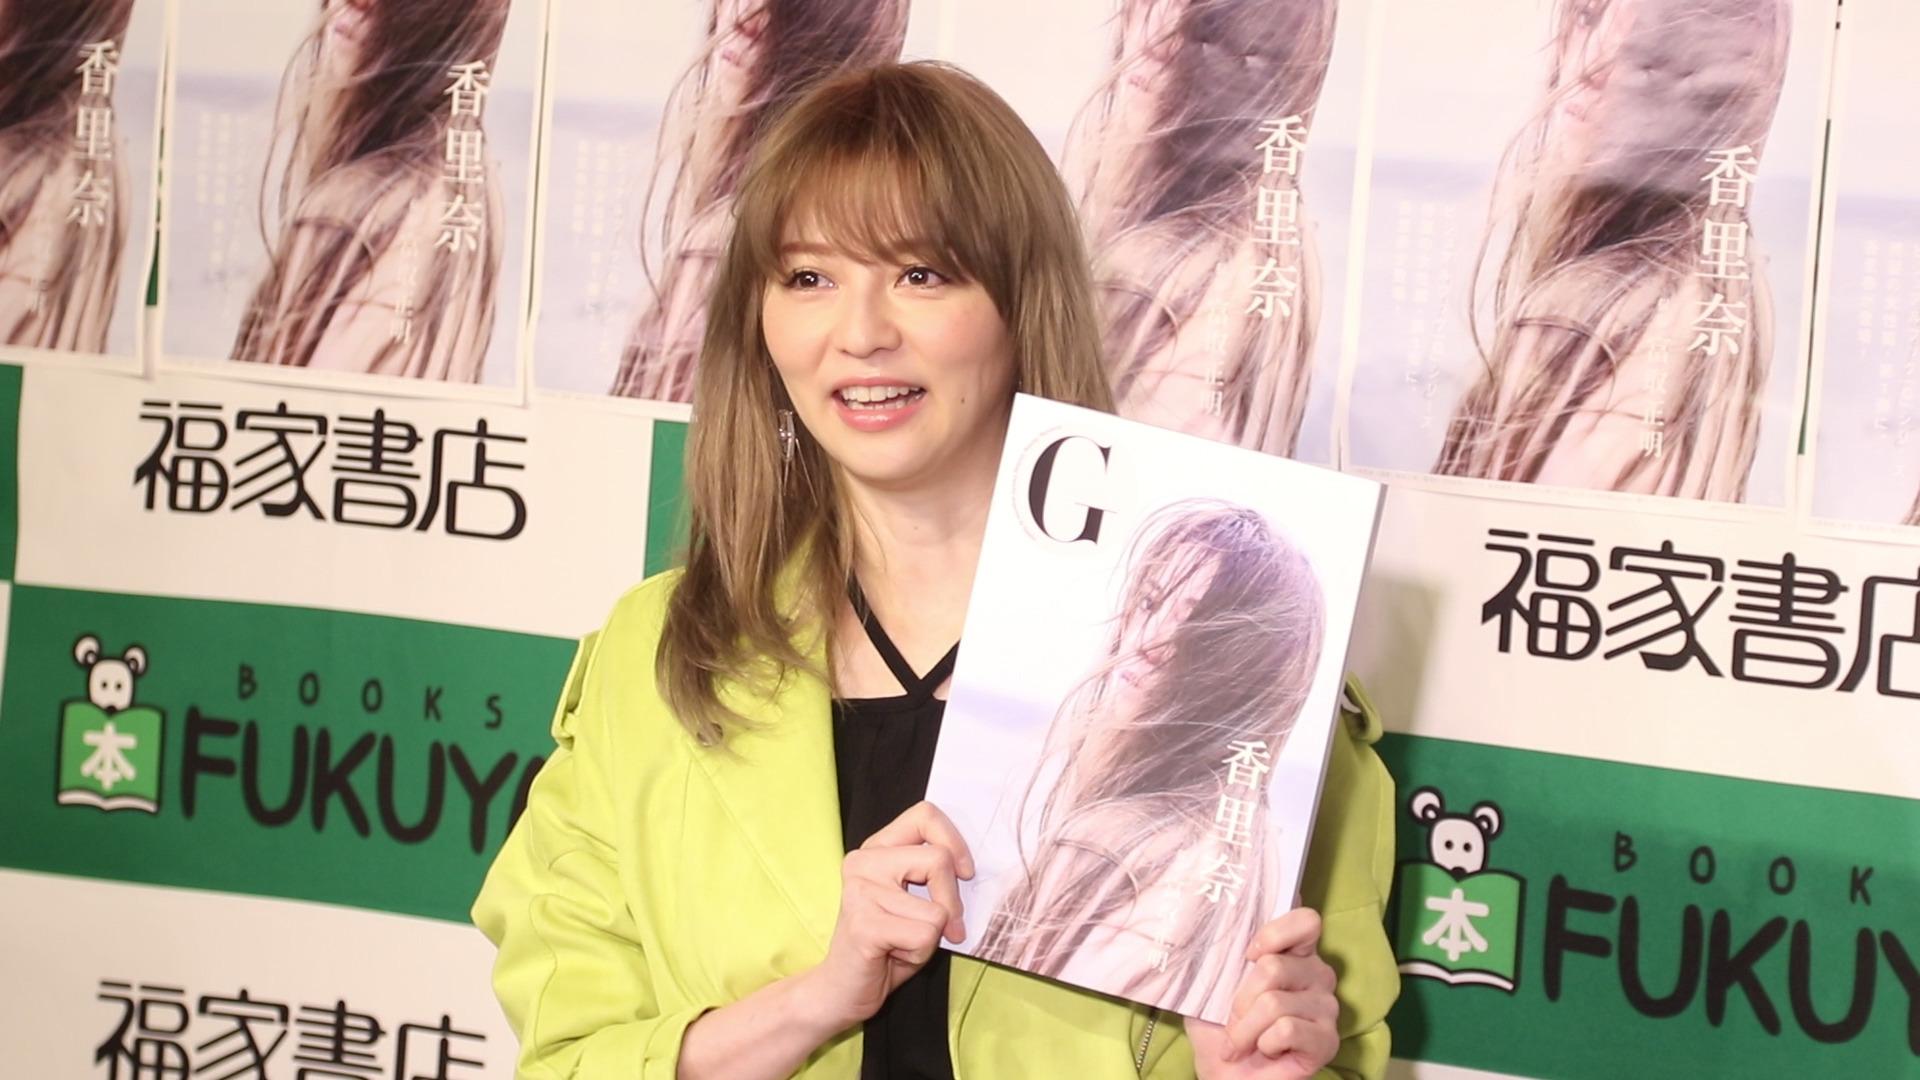 香里奈がフォトブック発売で記念イベント開催!「名古屋名物のひつまぶしを食べてるシーンがお気に入り」